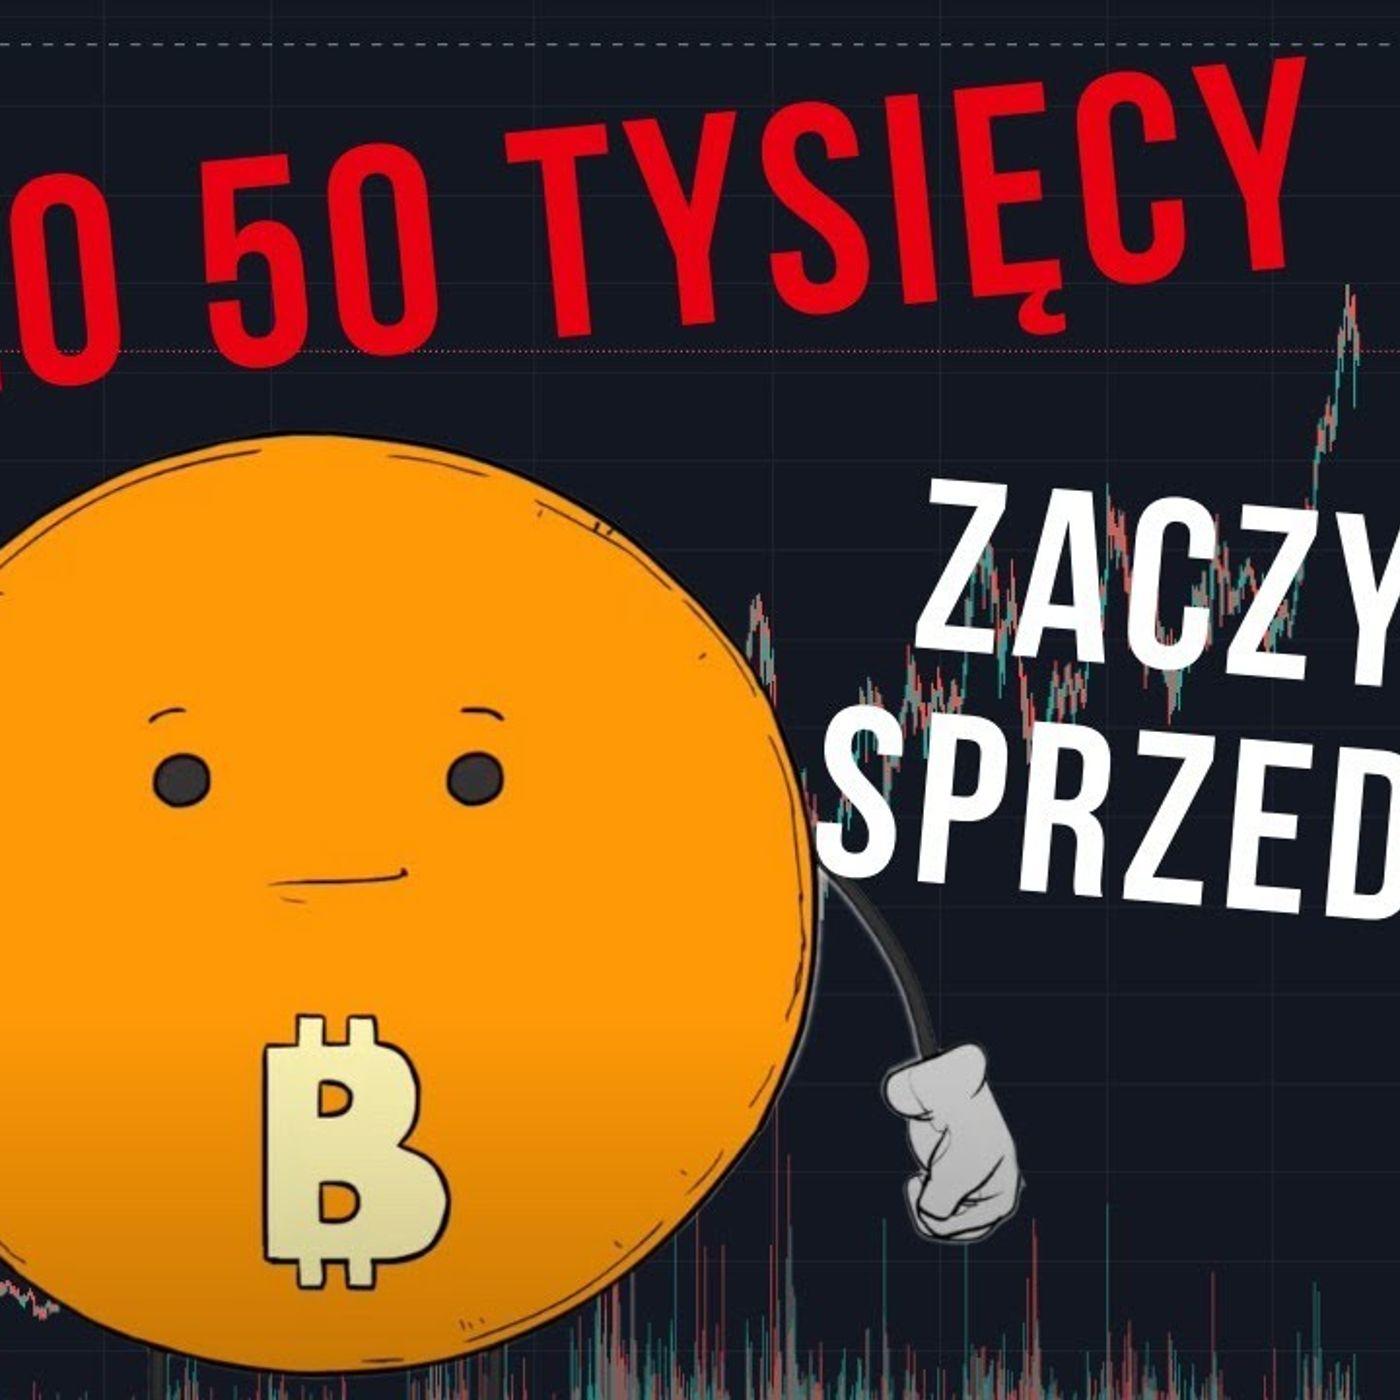 CO TAM W SIECI #162 | 18.02.2021 | Bitcoin PRZEBIŁ 50 TYSIĘCY DOLARÓW! Kiedy pęknie bańka na rynku kryptowalut?